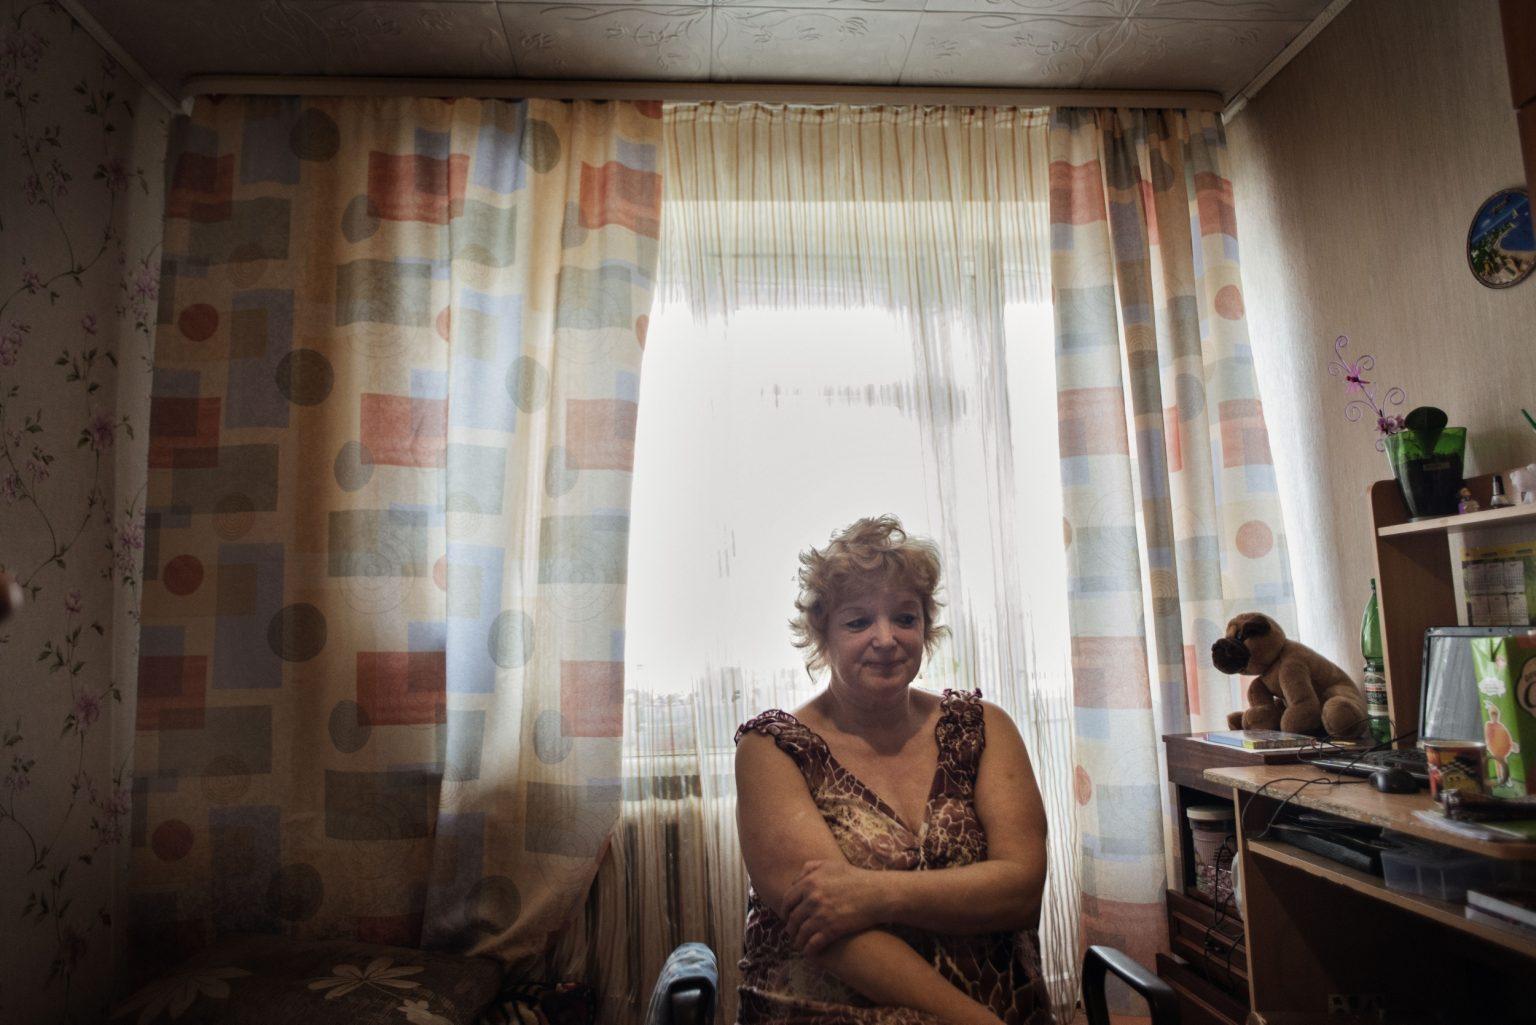 Yekaterinburg, Russia, March 2016 - Lyudmila in her flat in Uralmash district. Her daughter Zhanna died in 2015 due to the long use of Krokodil. Lyudmila is now living with her granddaughter. >< Yekaterinburg, Russia, Marzo 2016 - Lyudmila siede nel suo appartamento nel quartiere di Uralmash. Sua figlia Zhanna è morta nel 2015 a causa di un uso prolungato di Krokodil. Lyudmila vive con sua nipote.